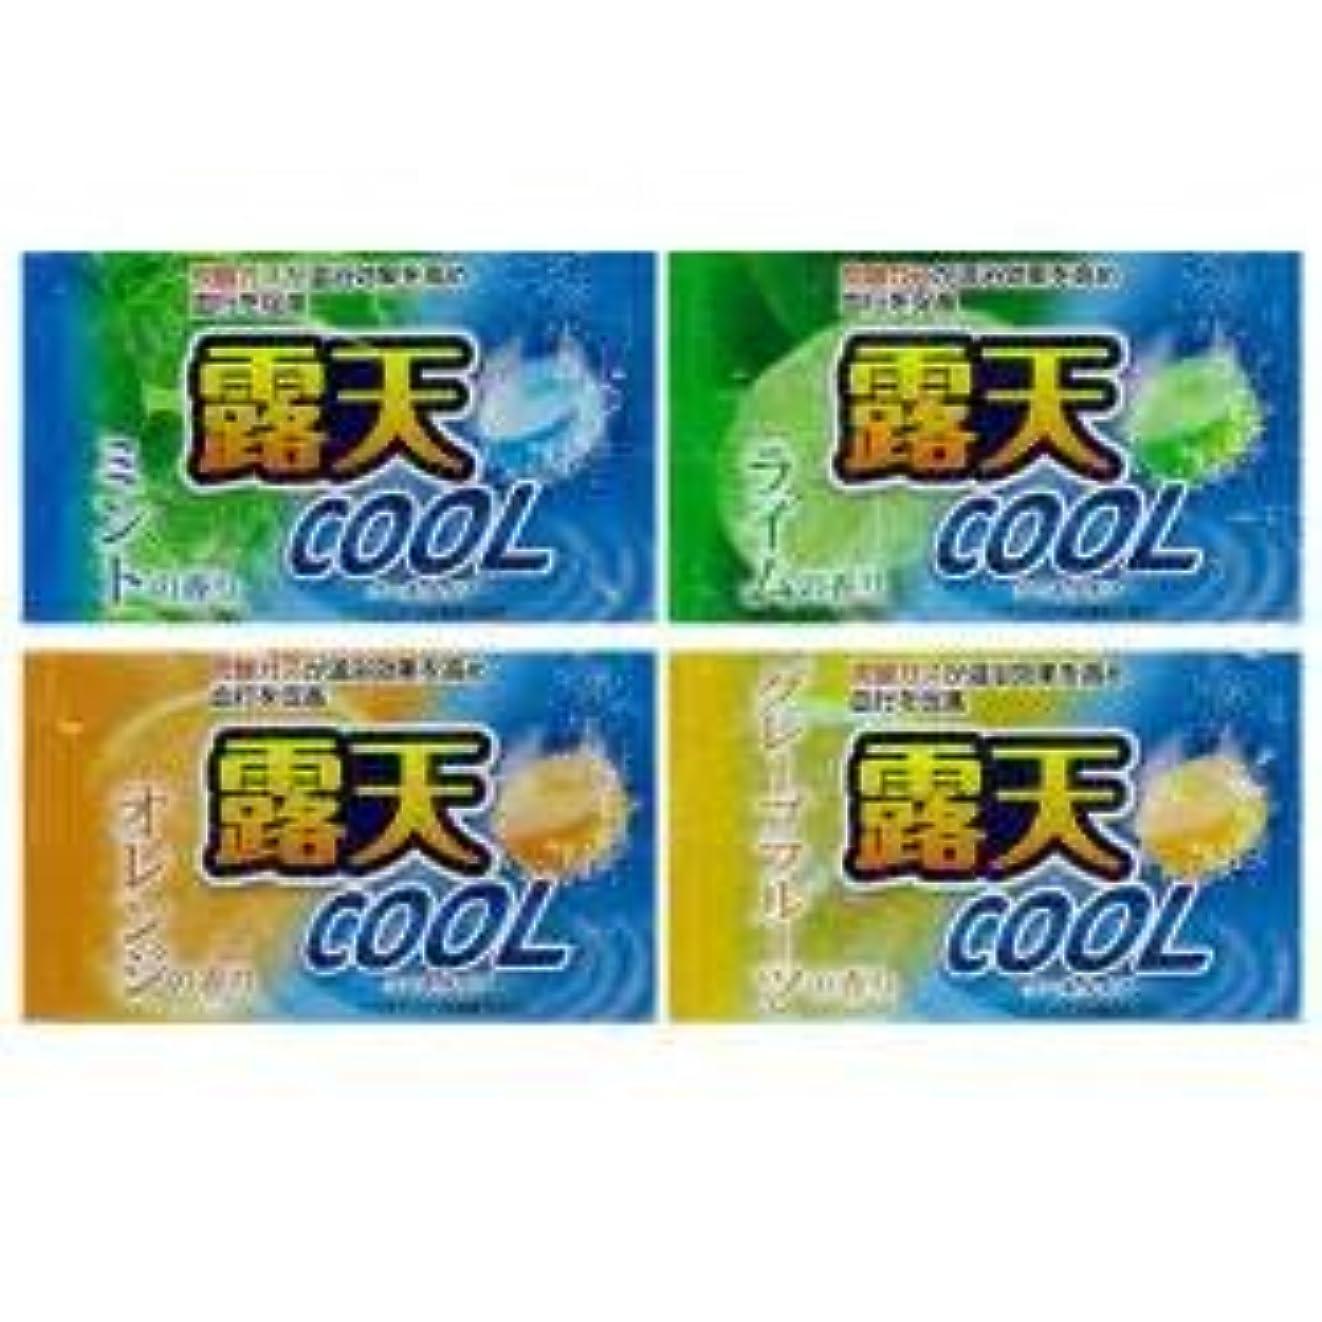 適切に合わせてリーズ薬用発泡入浴剤 露天クール 4種×3 12個